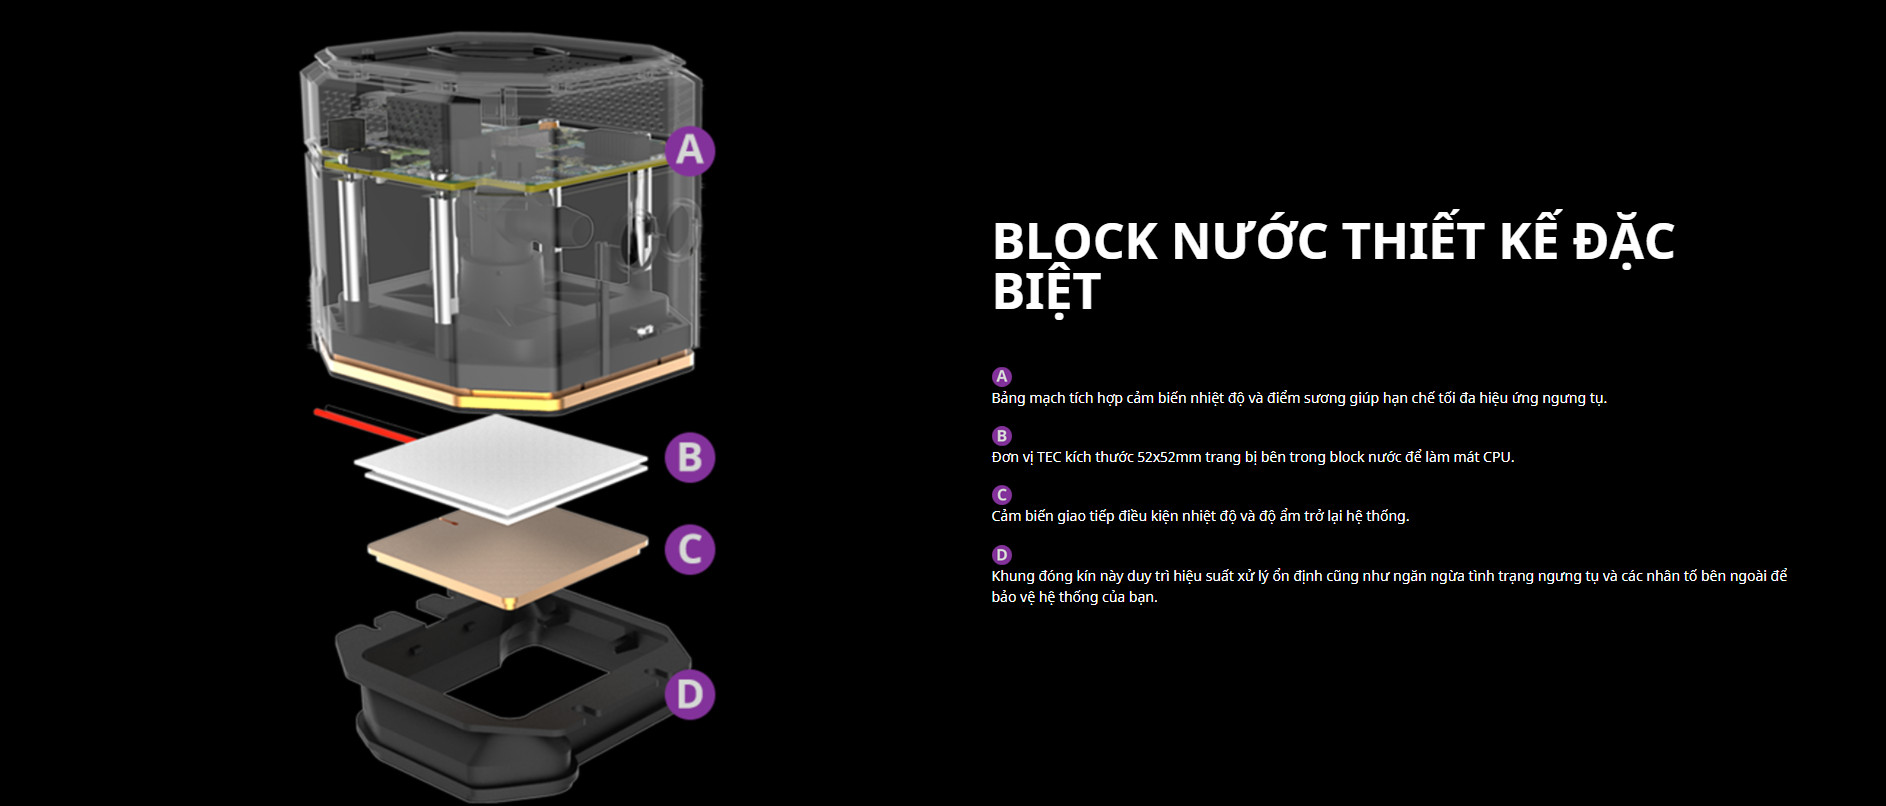 Tản nhiệt nước Cooler Master ML360 SUB - ZERO với BLOCK NƯỚC THIẾT KẾ ĐẶC BIỆT